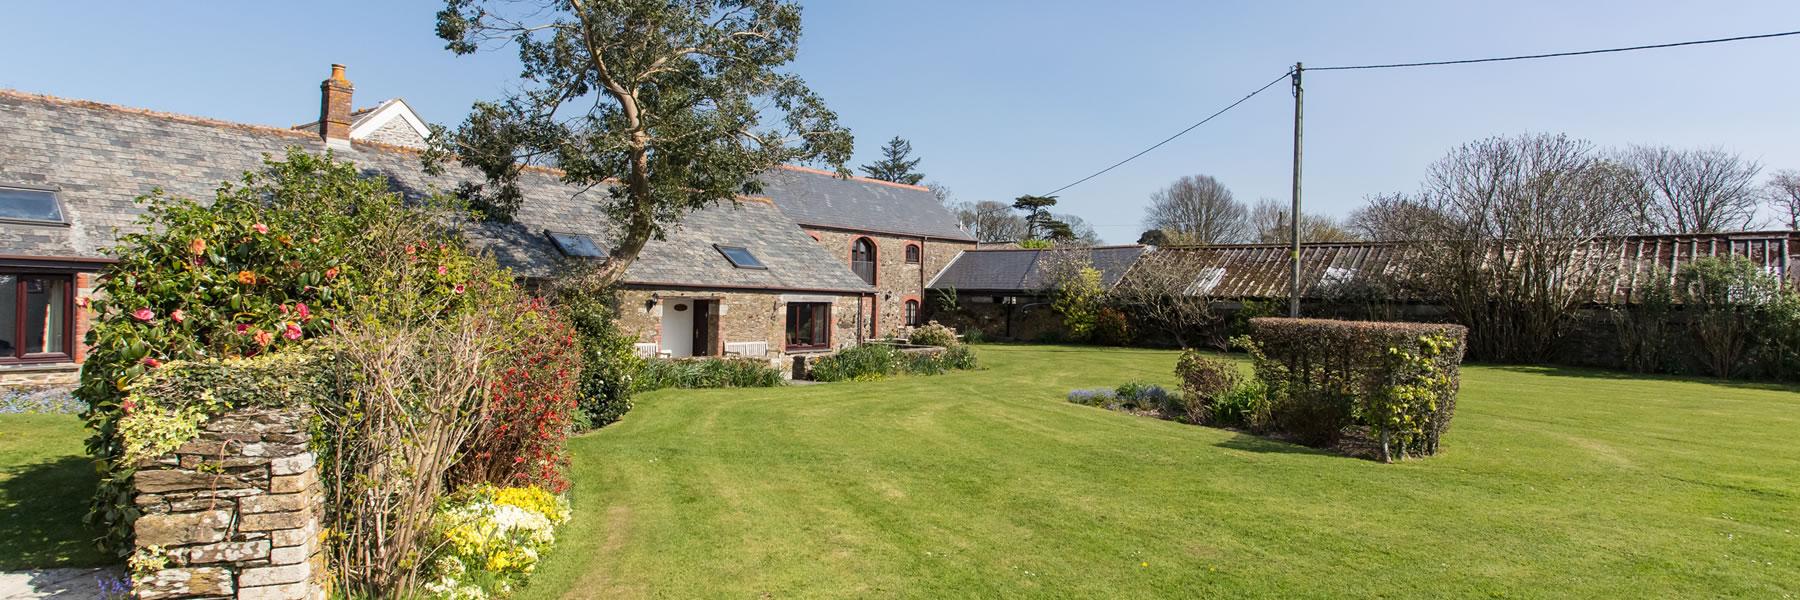 Bucklawren Cottages